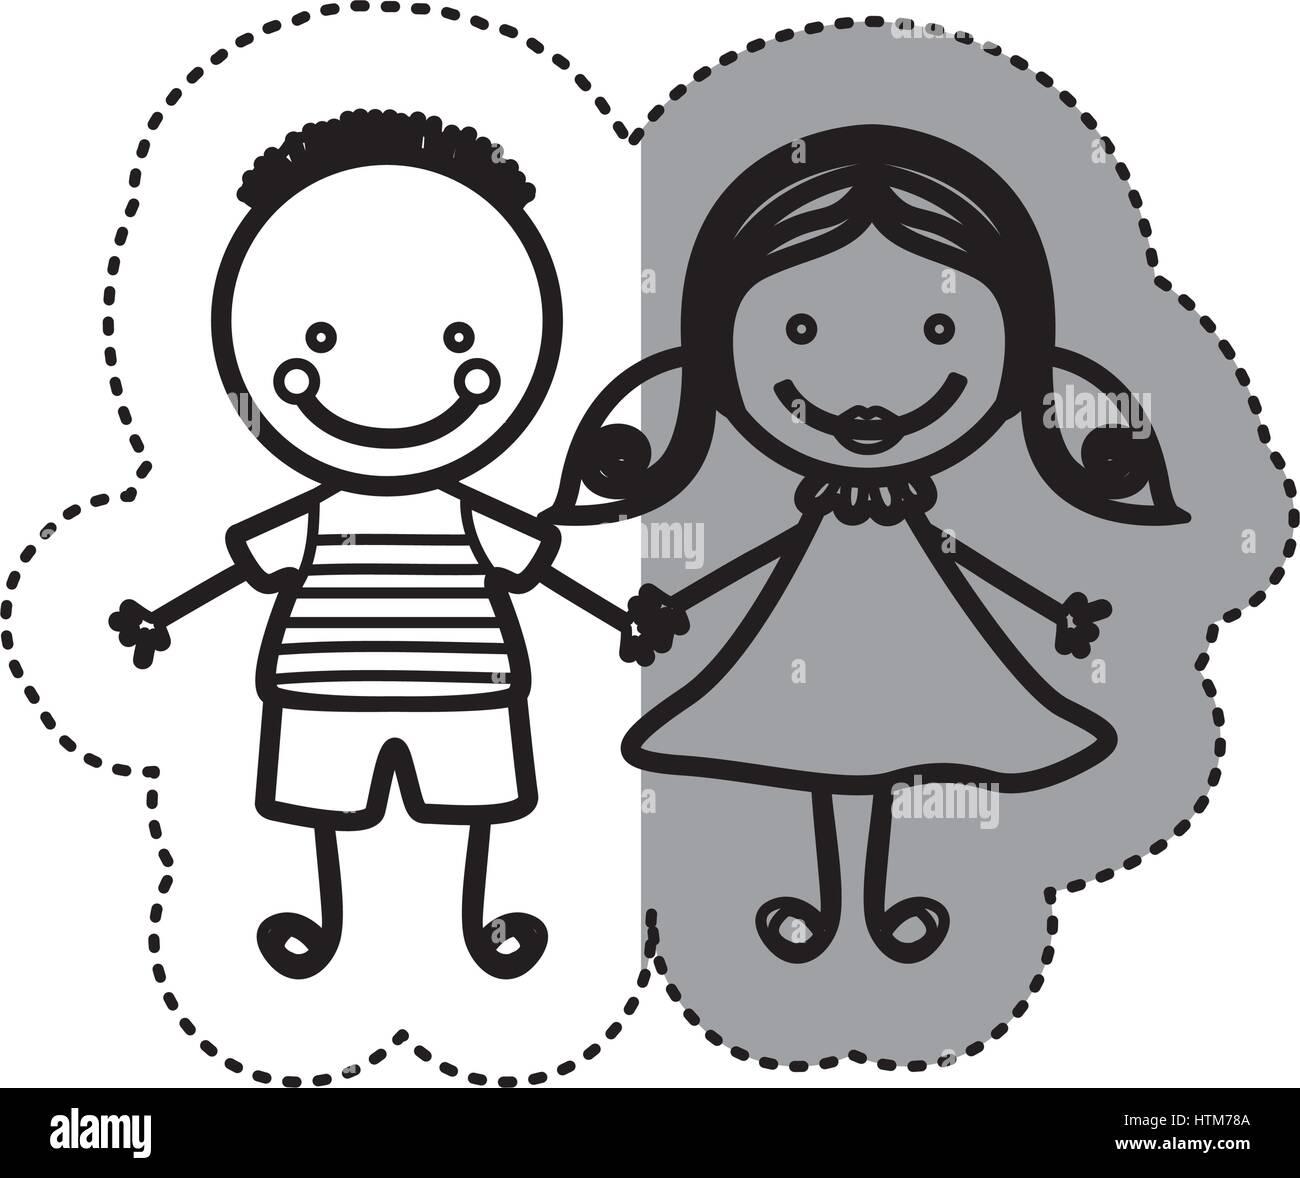 Pegatina silueta boceto caricatura pareja joven con peinado y la chica con el cabello pigtails Ilustración del Vector